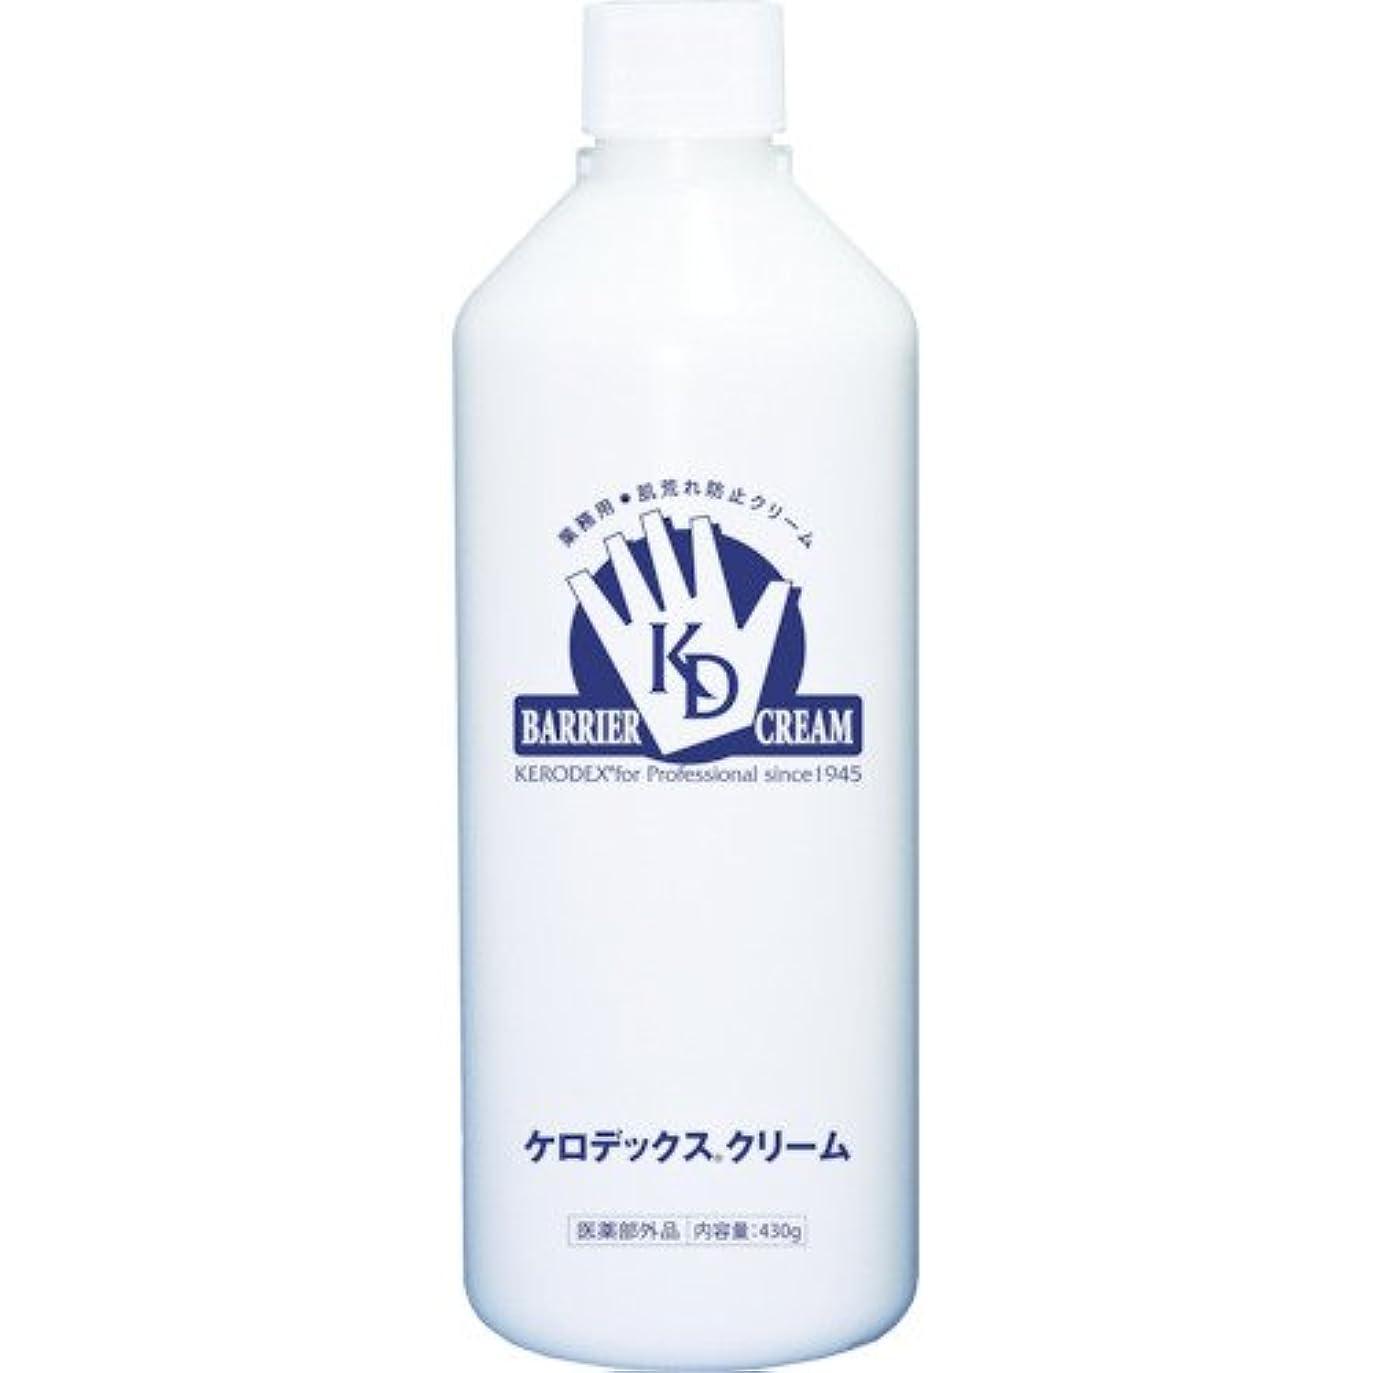 トークン戦うシロクマケロデックスクリーム ボトルタイプ 詰替用 430g